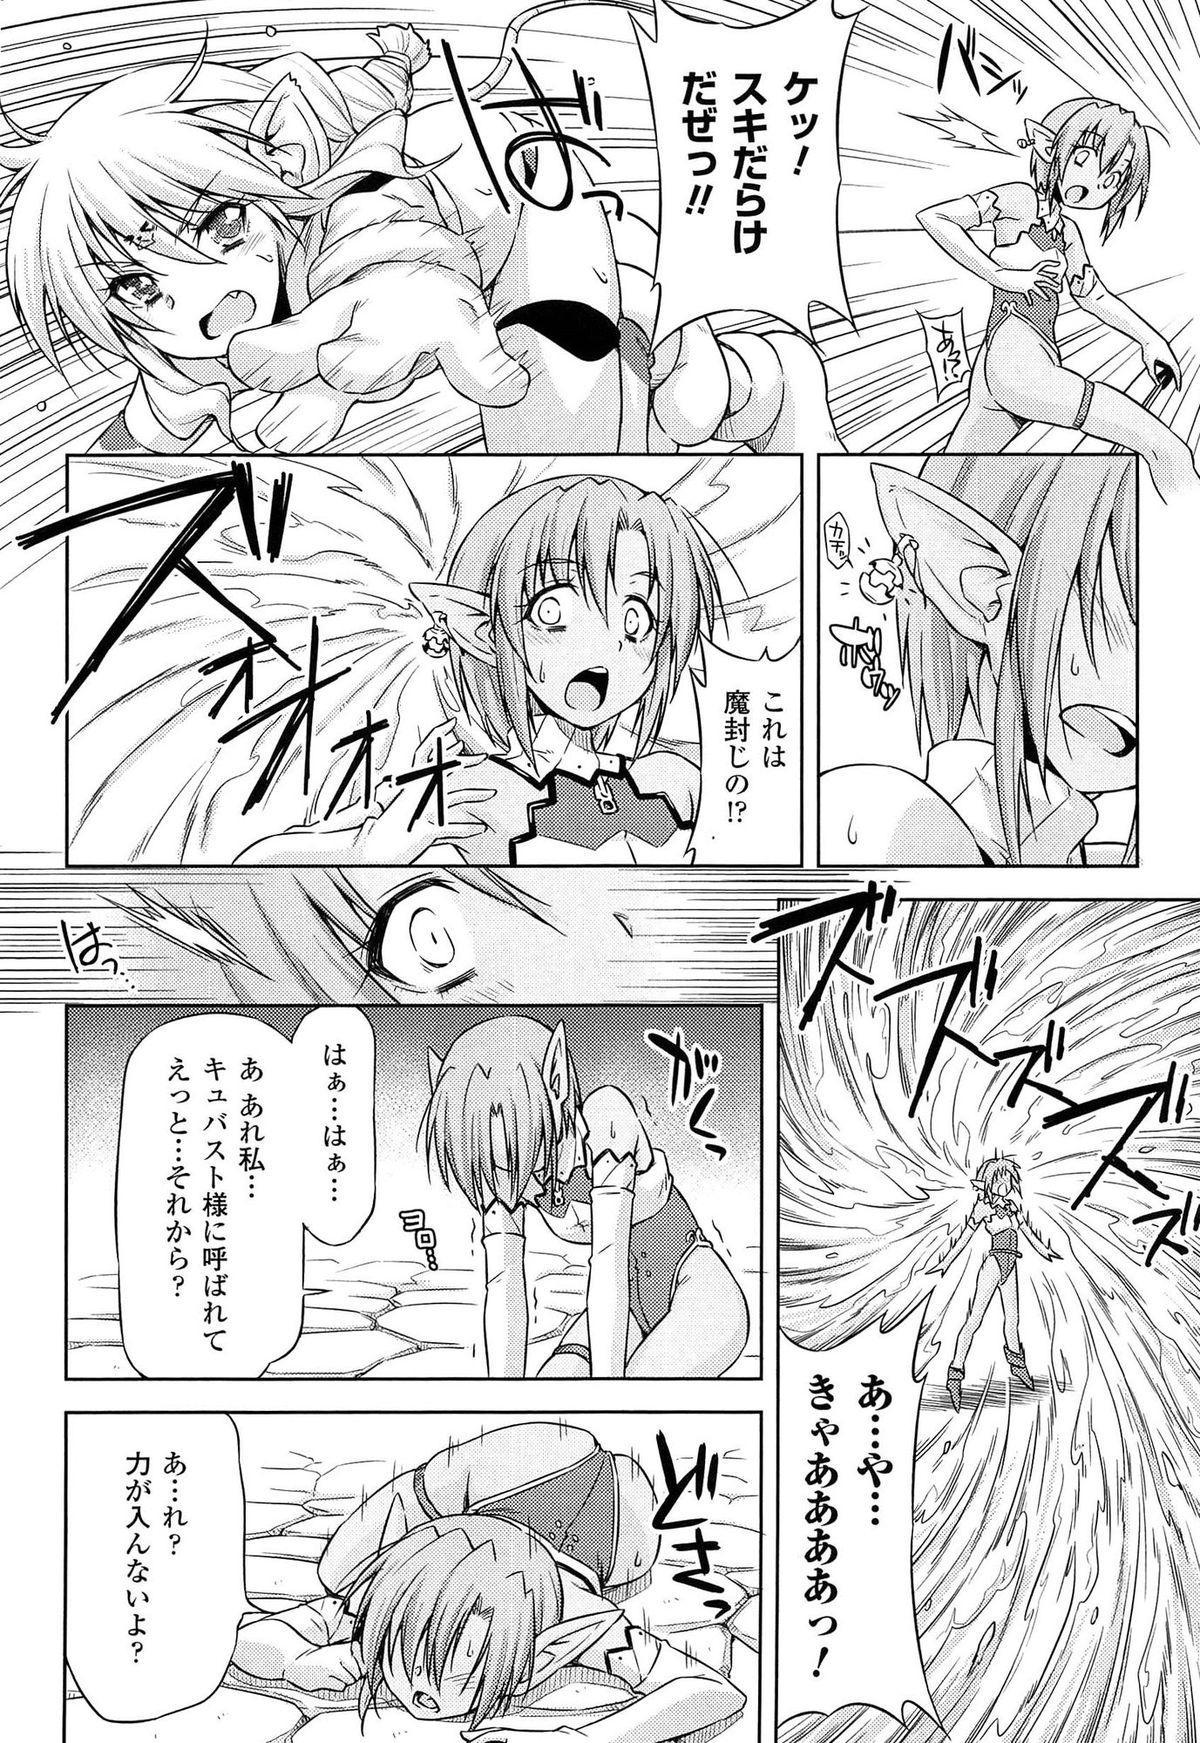 [kazuma muramasa, ZyX] Ikazuchi no Senshi Raidy ~Haja no Raikou~ THE COMIC 158